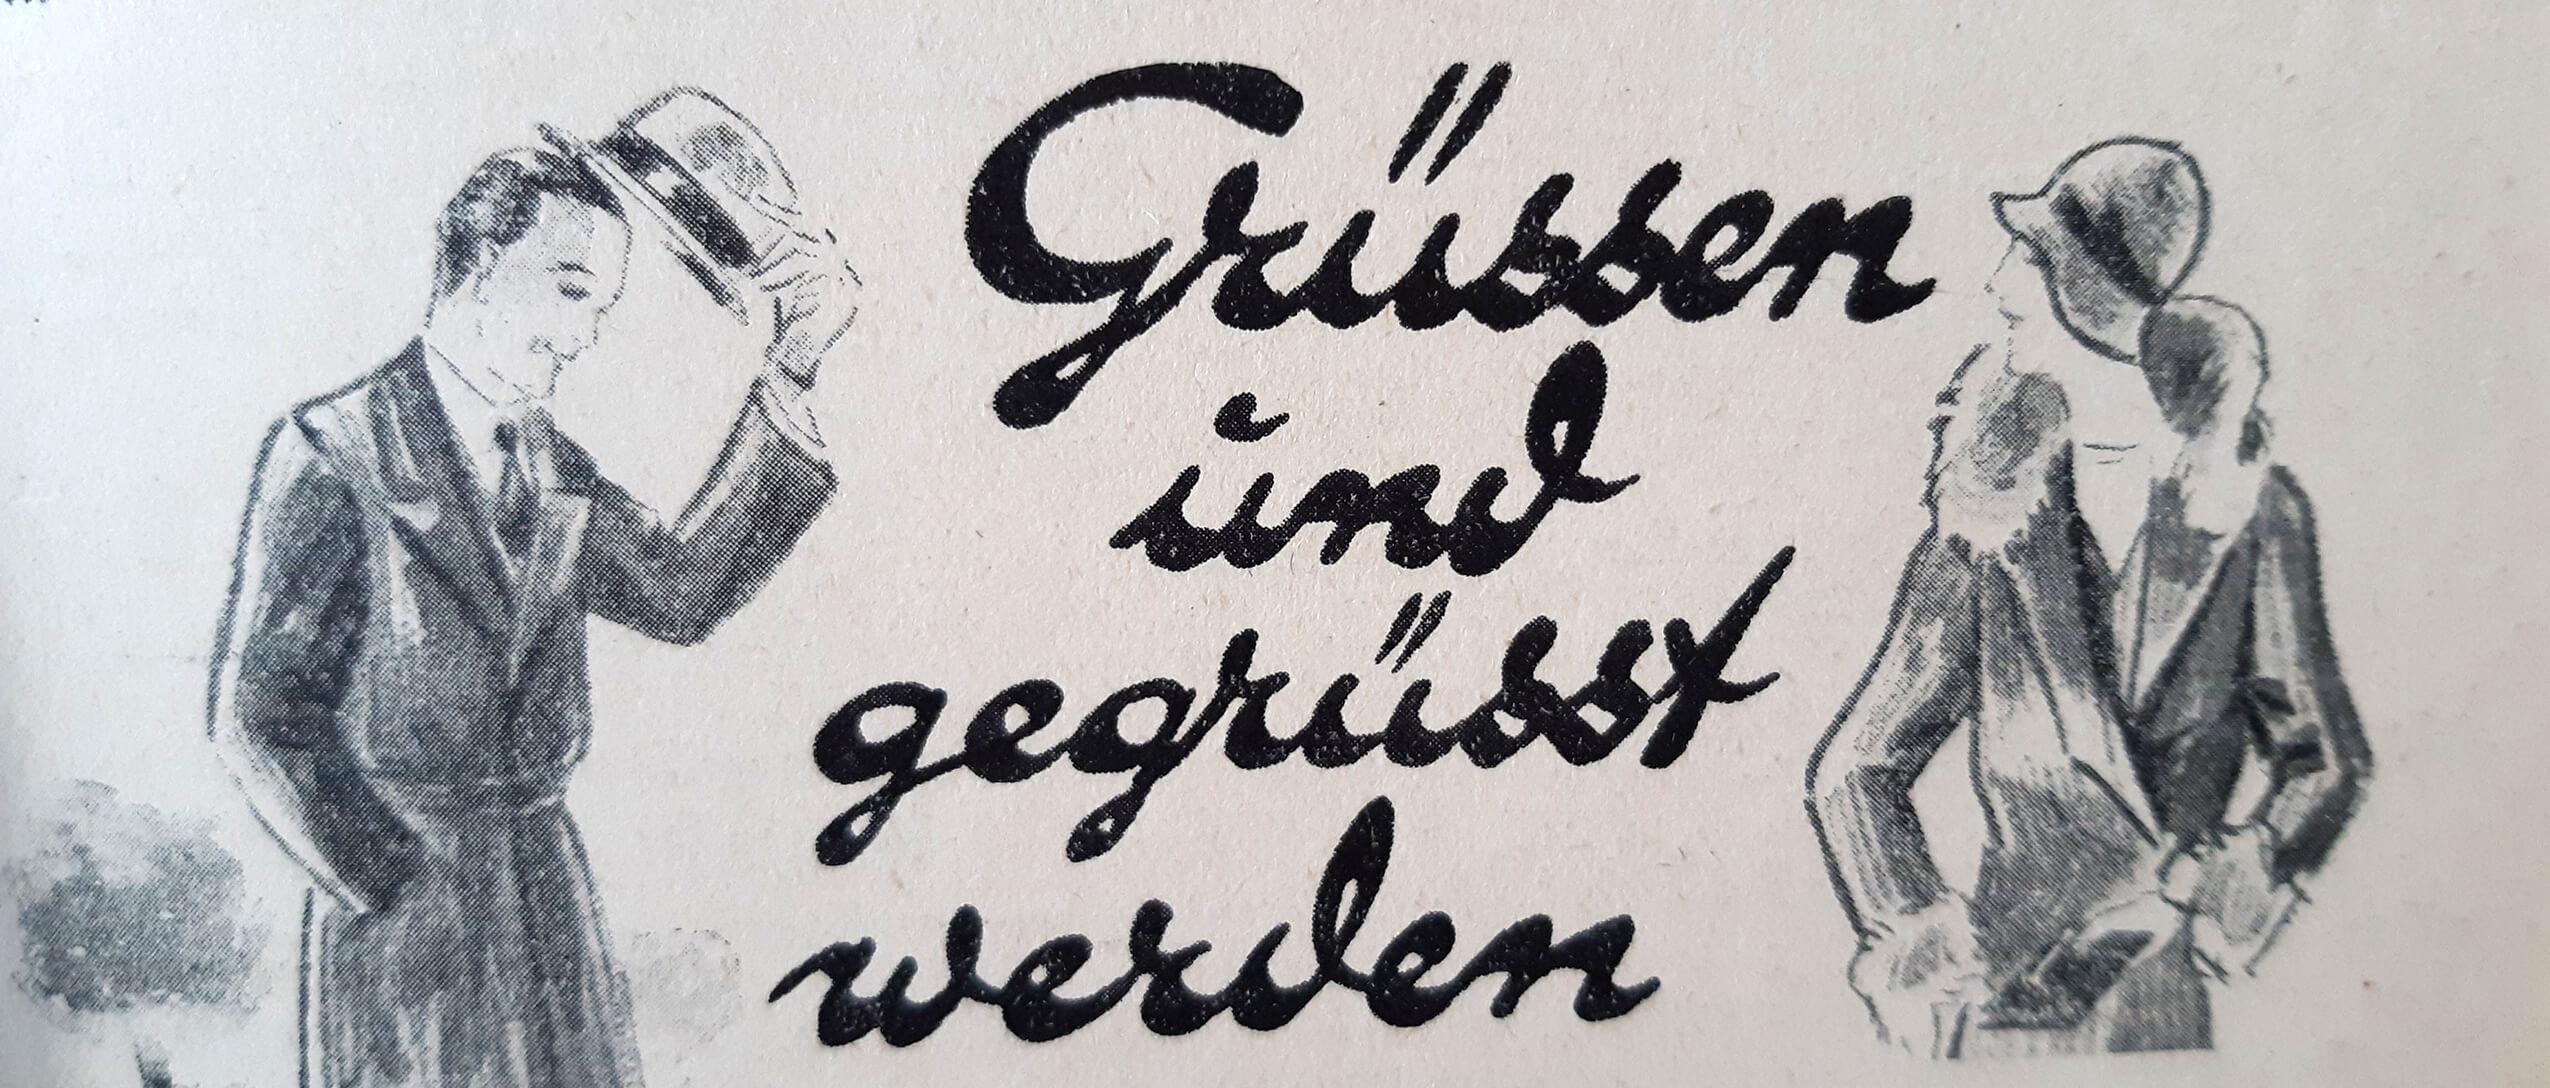 Gruessen